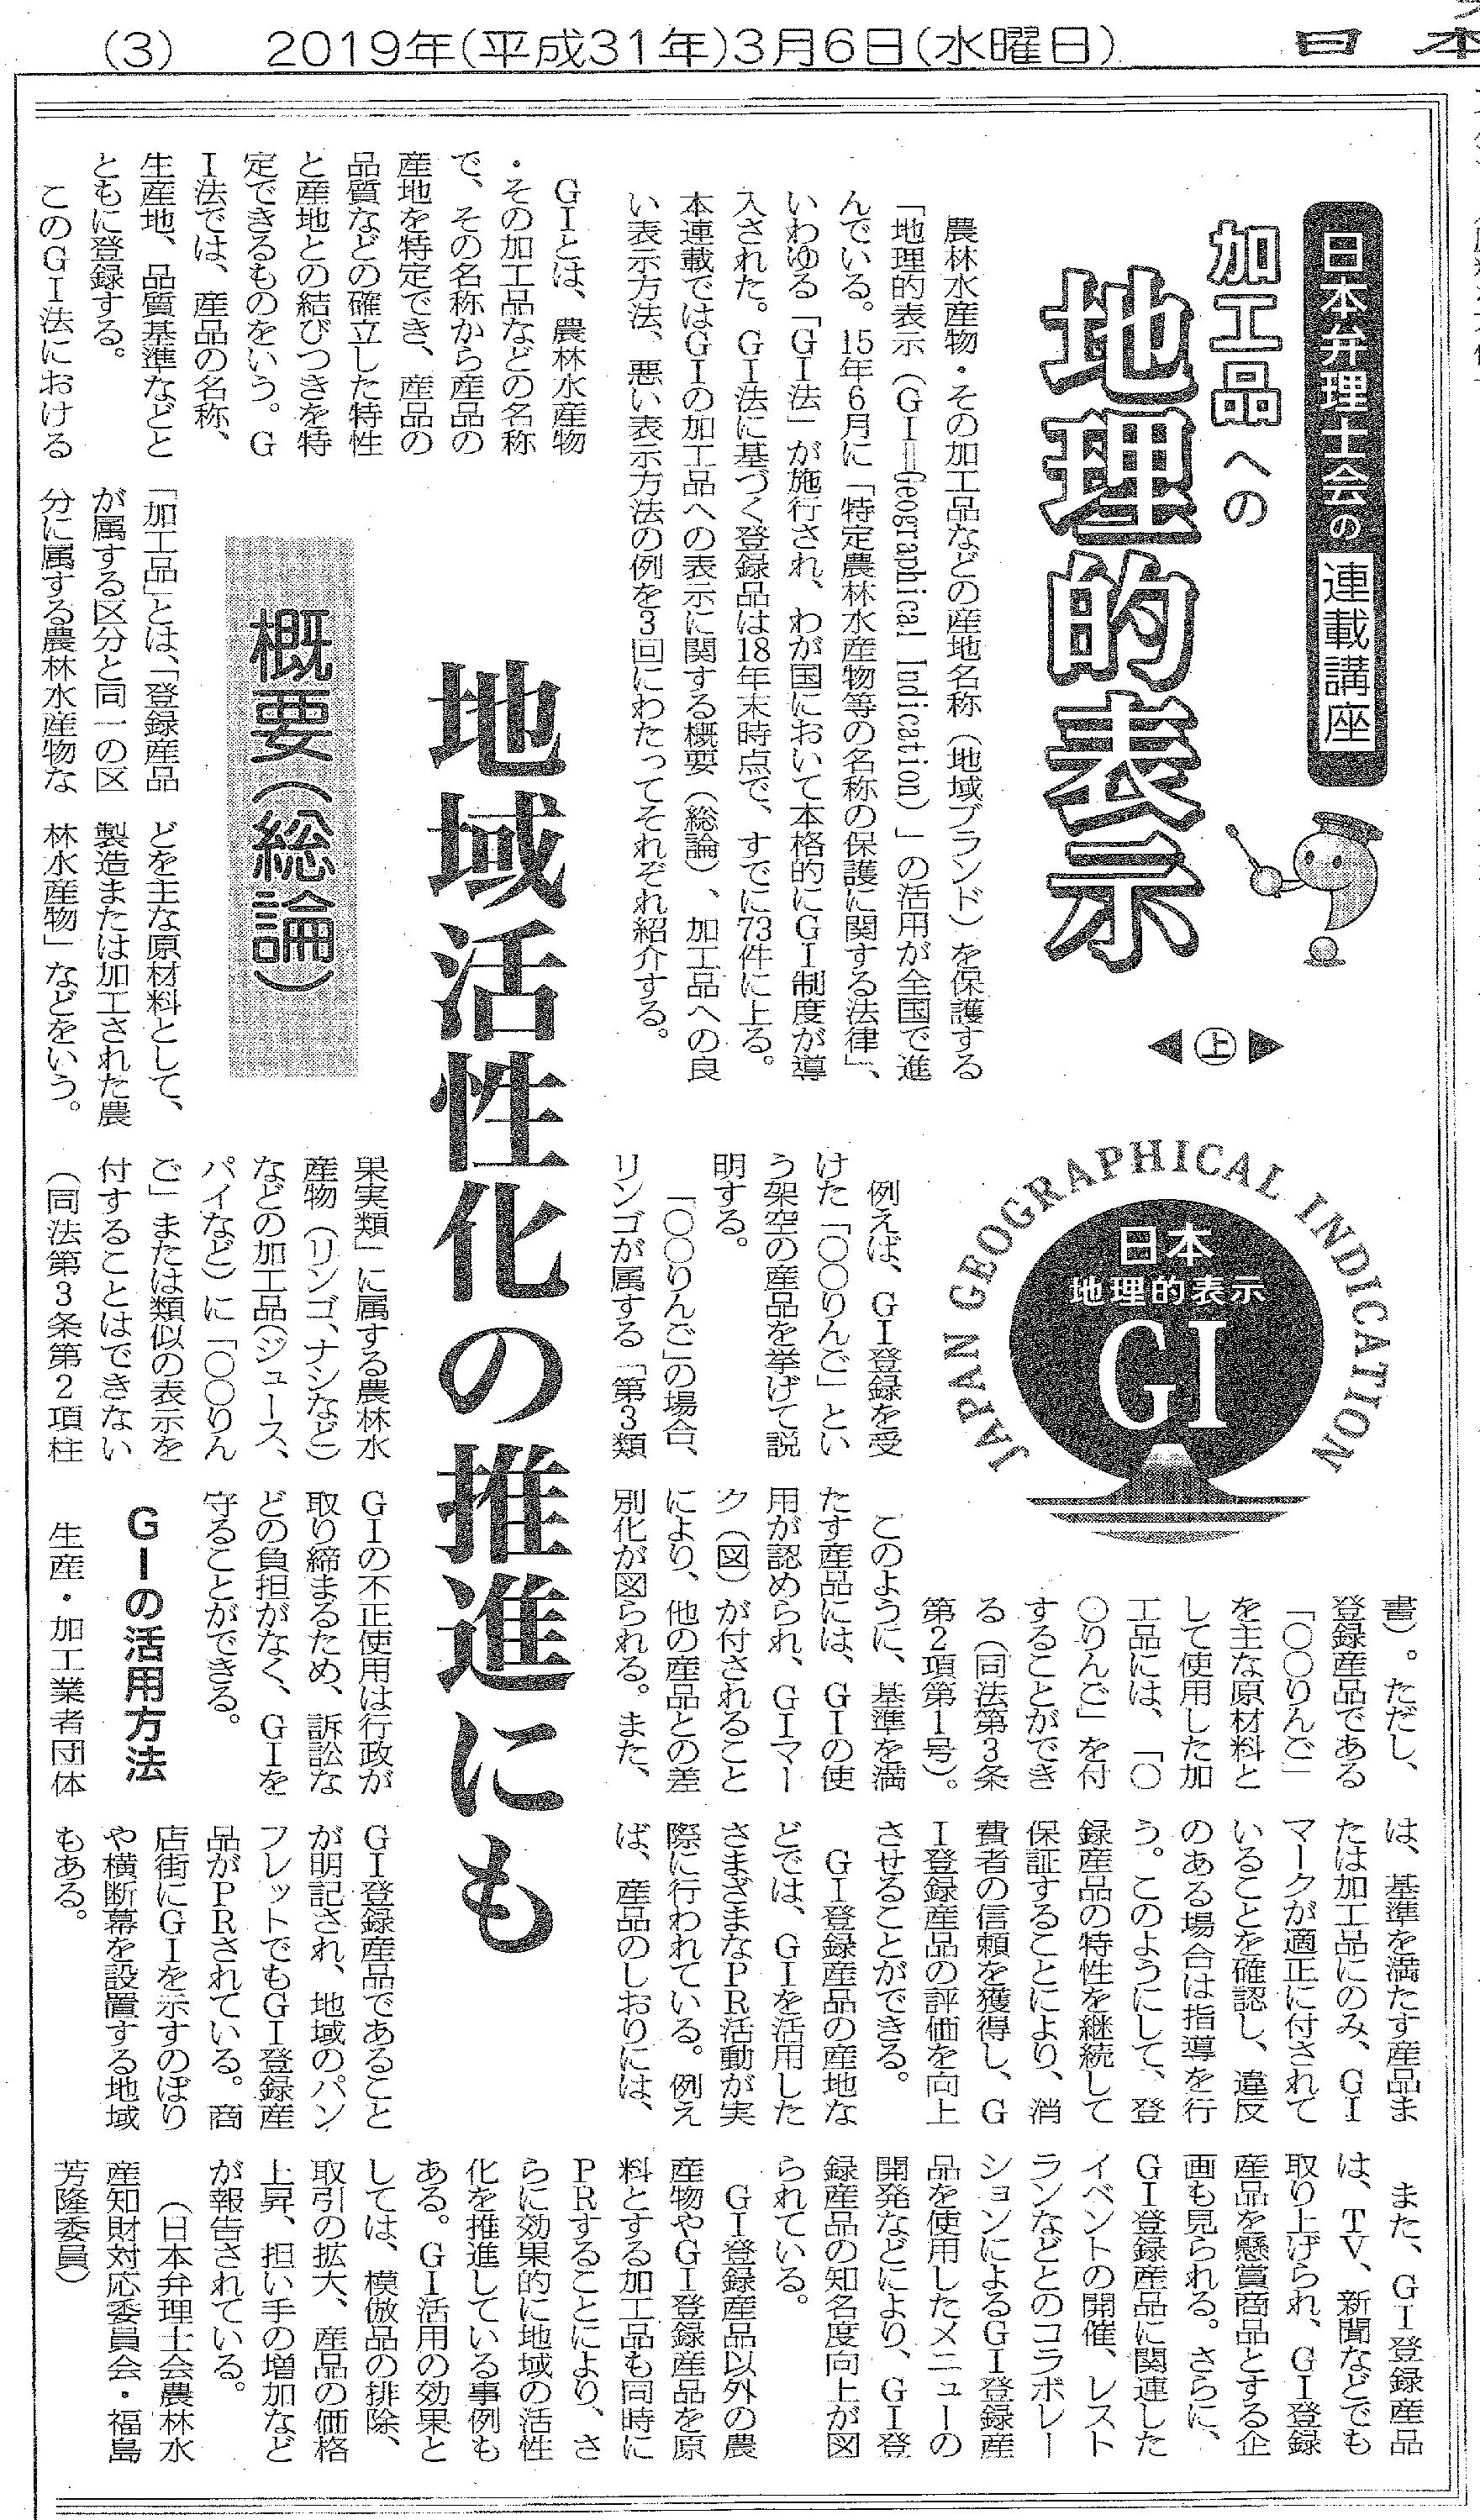 日本食糧新聞スキャン2